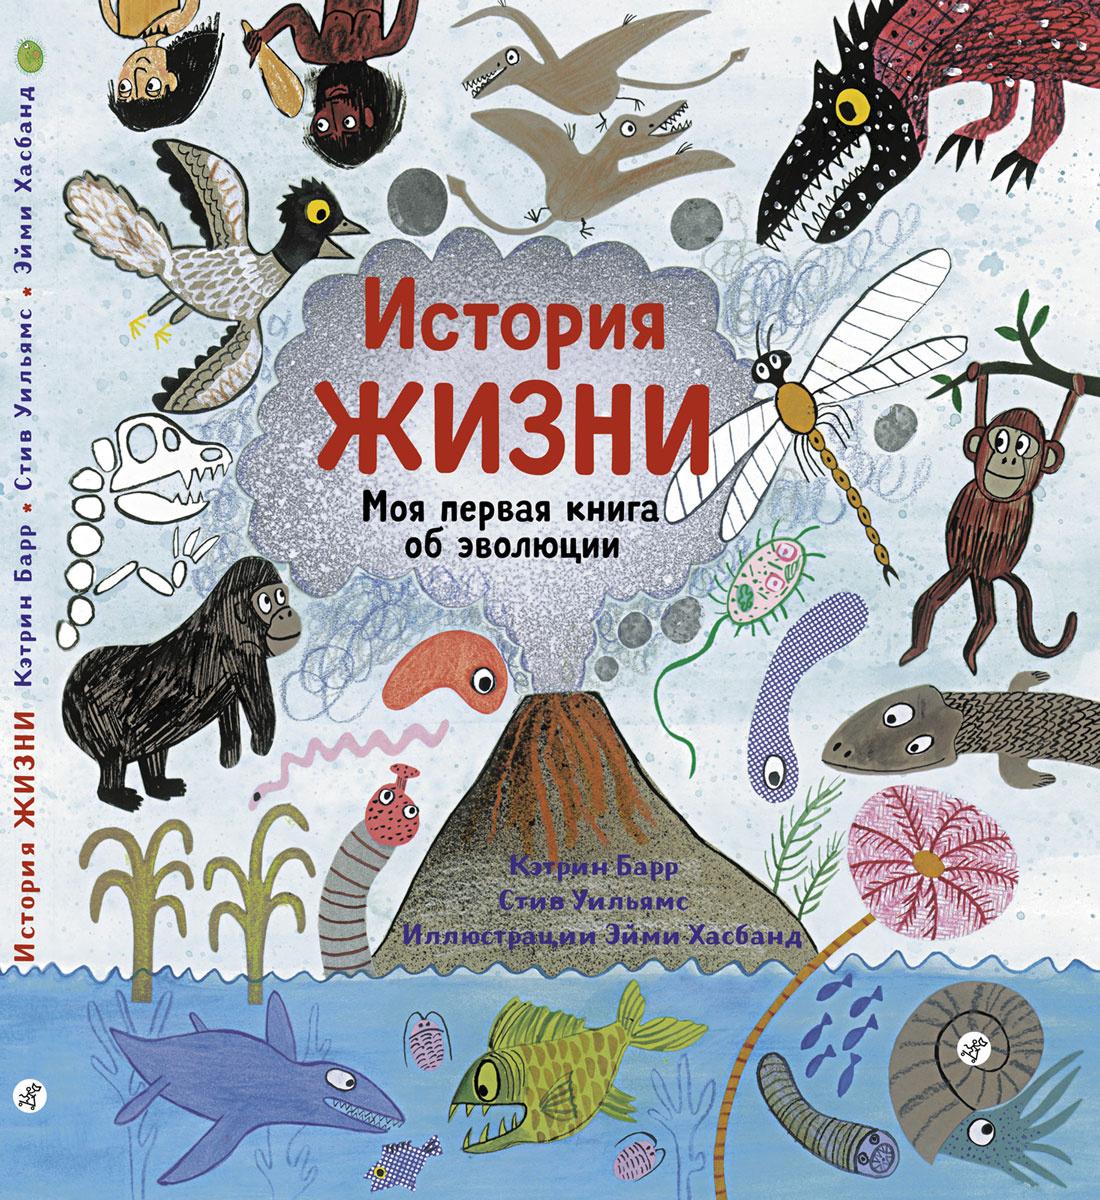 История жизни. Моя первая книга об эволюции | Барр Кэтрин, Уильямс Стив  #1